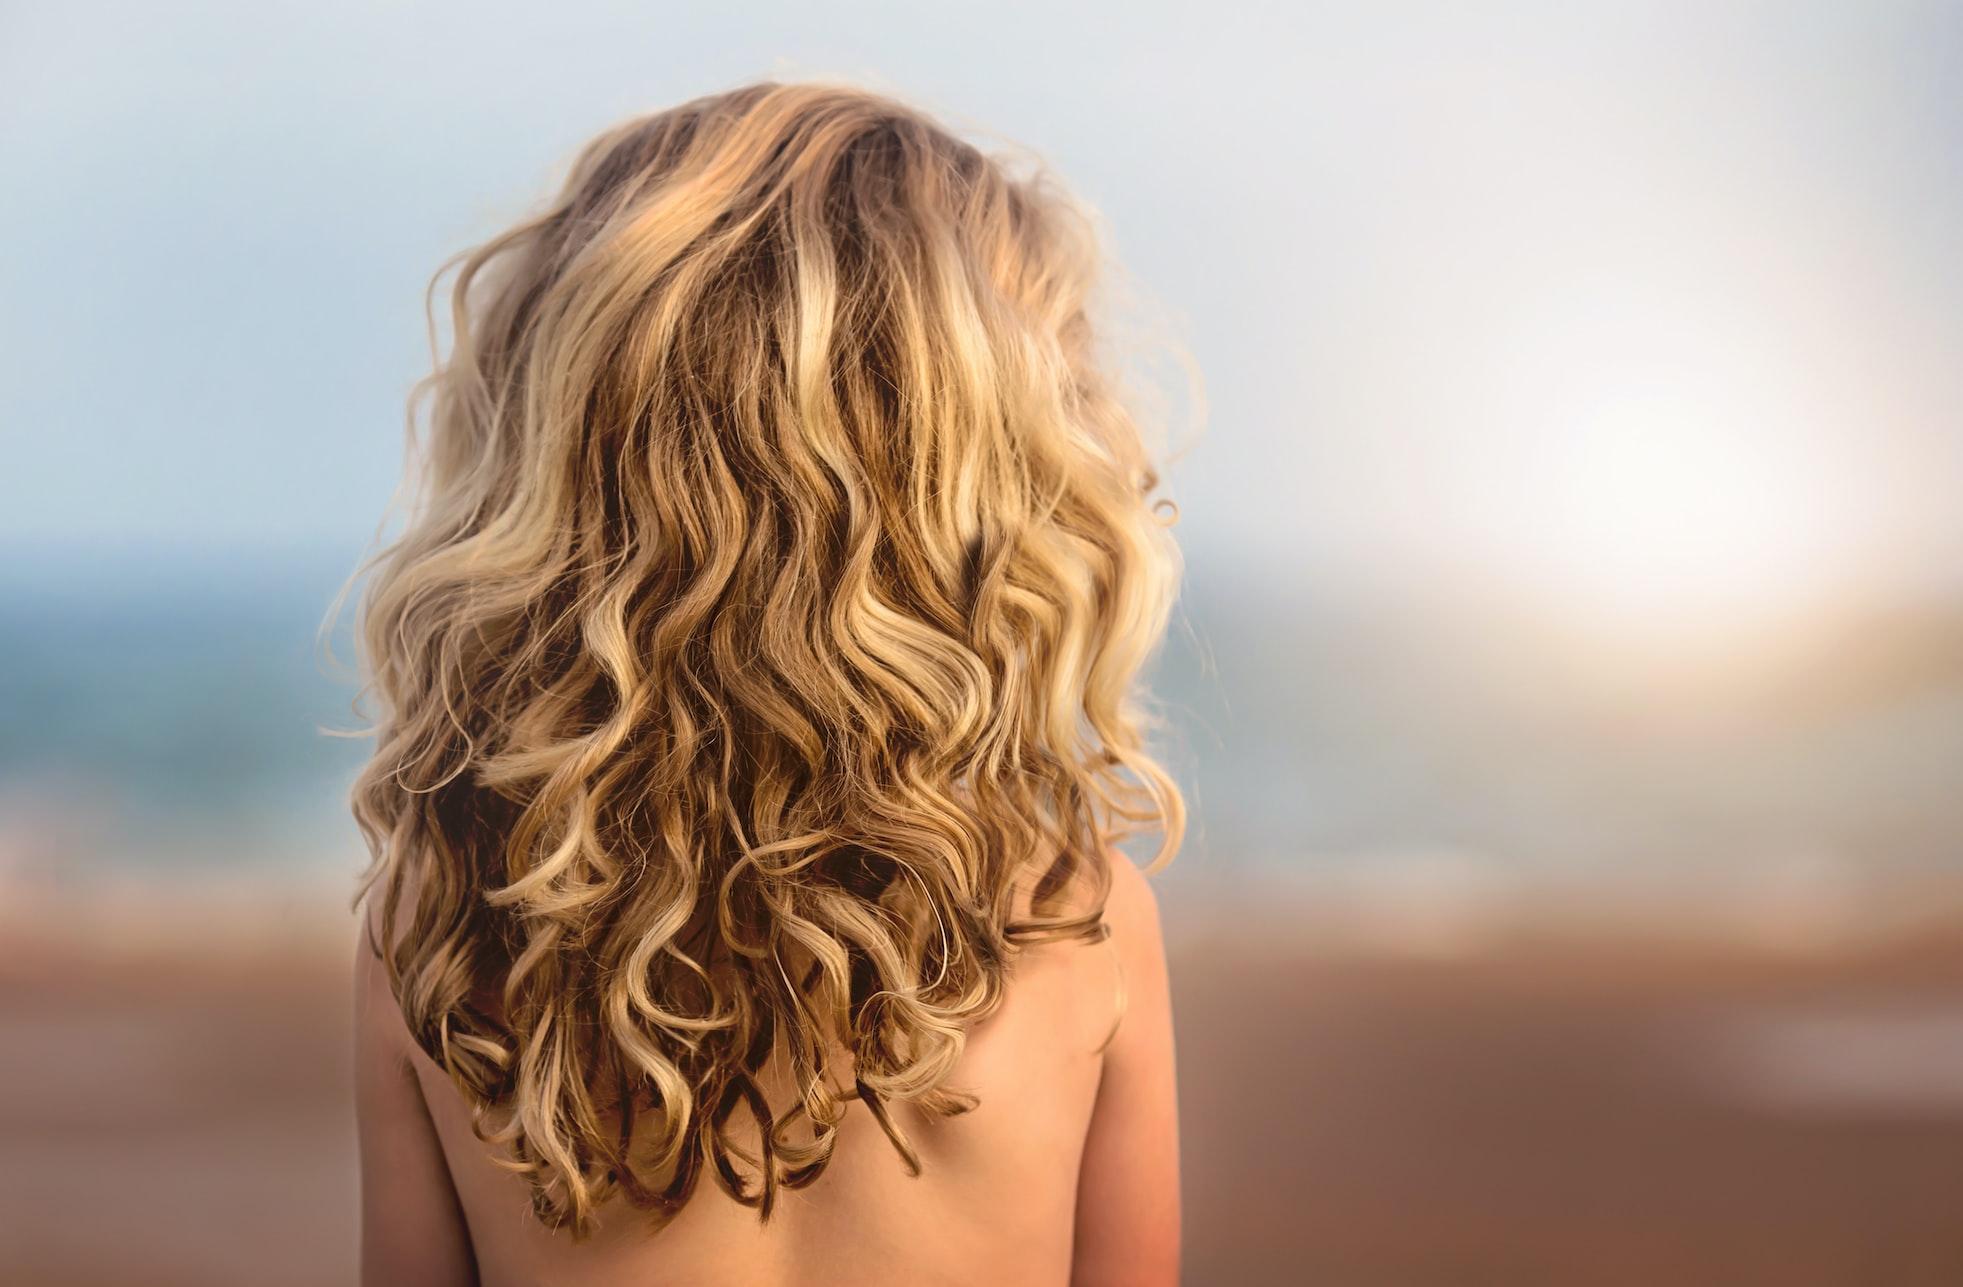 Understanding Your Hair